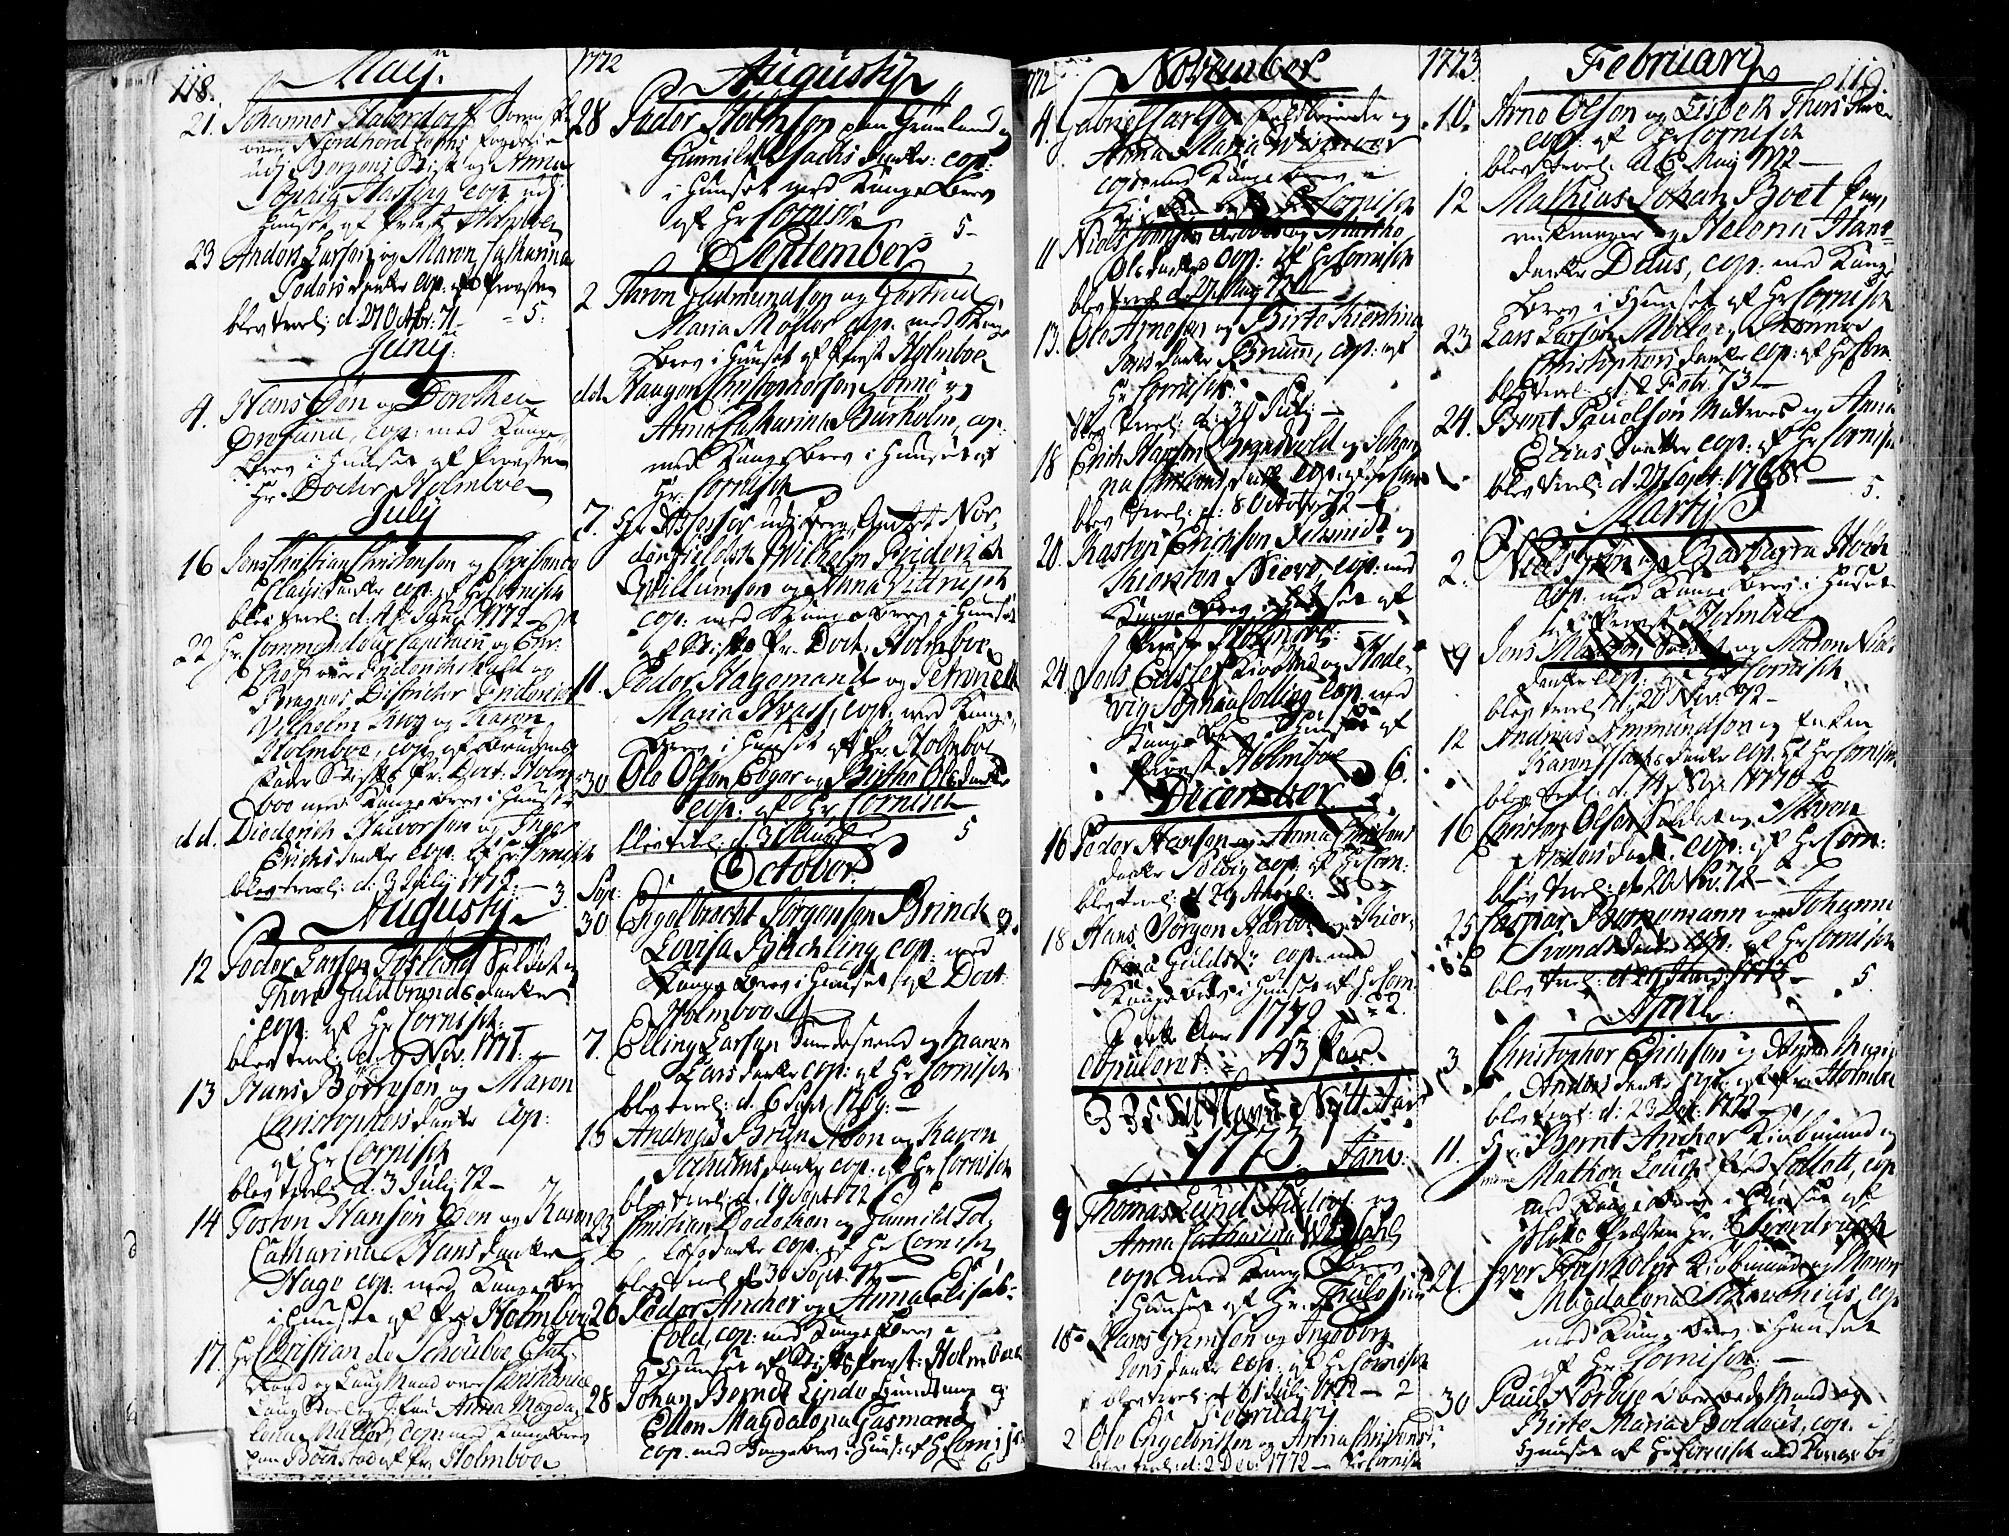 SAO, Oslo domkirke Kirkebøker, F/Fa/L0004: Ministerialbok nr. 4, 1743-1786, s. 118-119